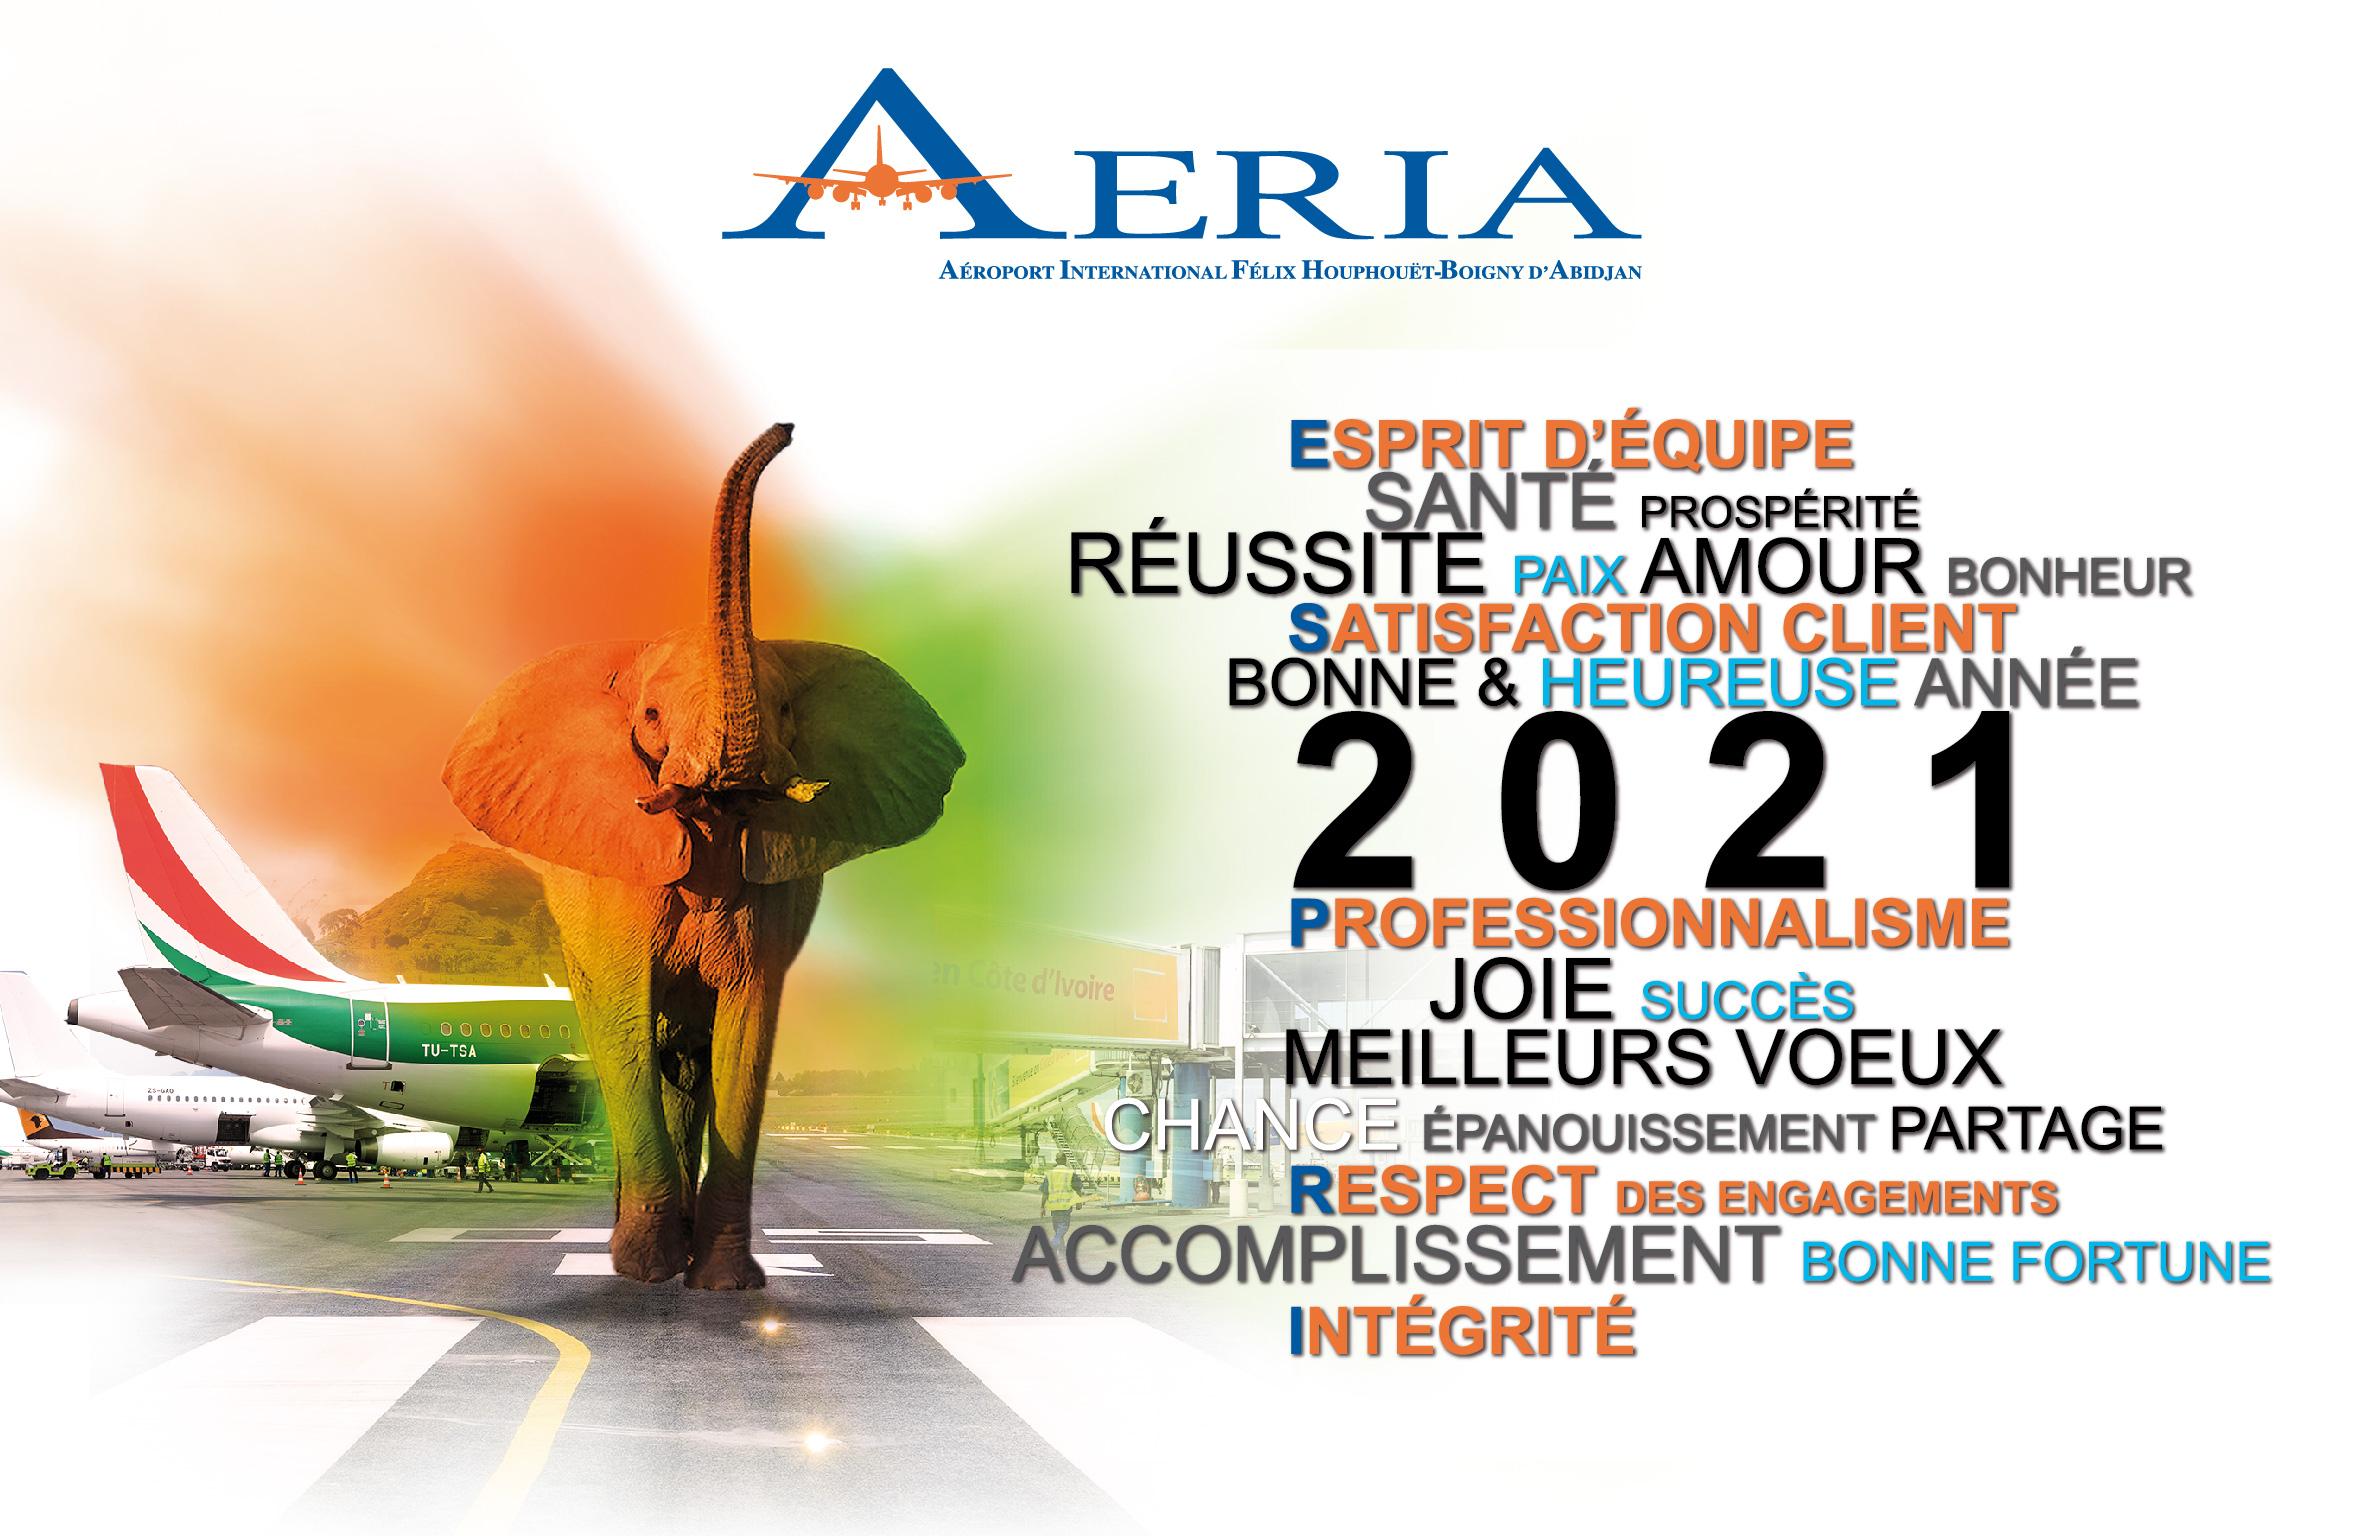 aeria_2021